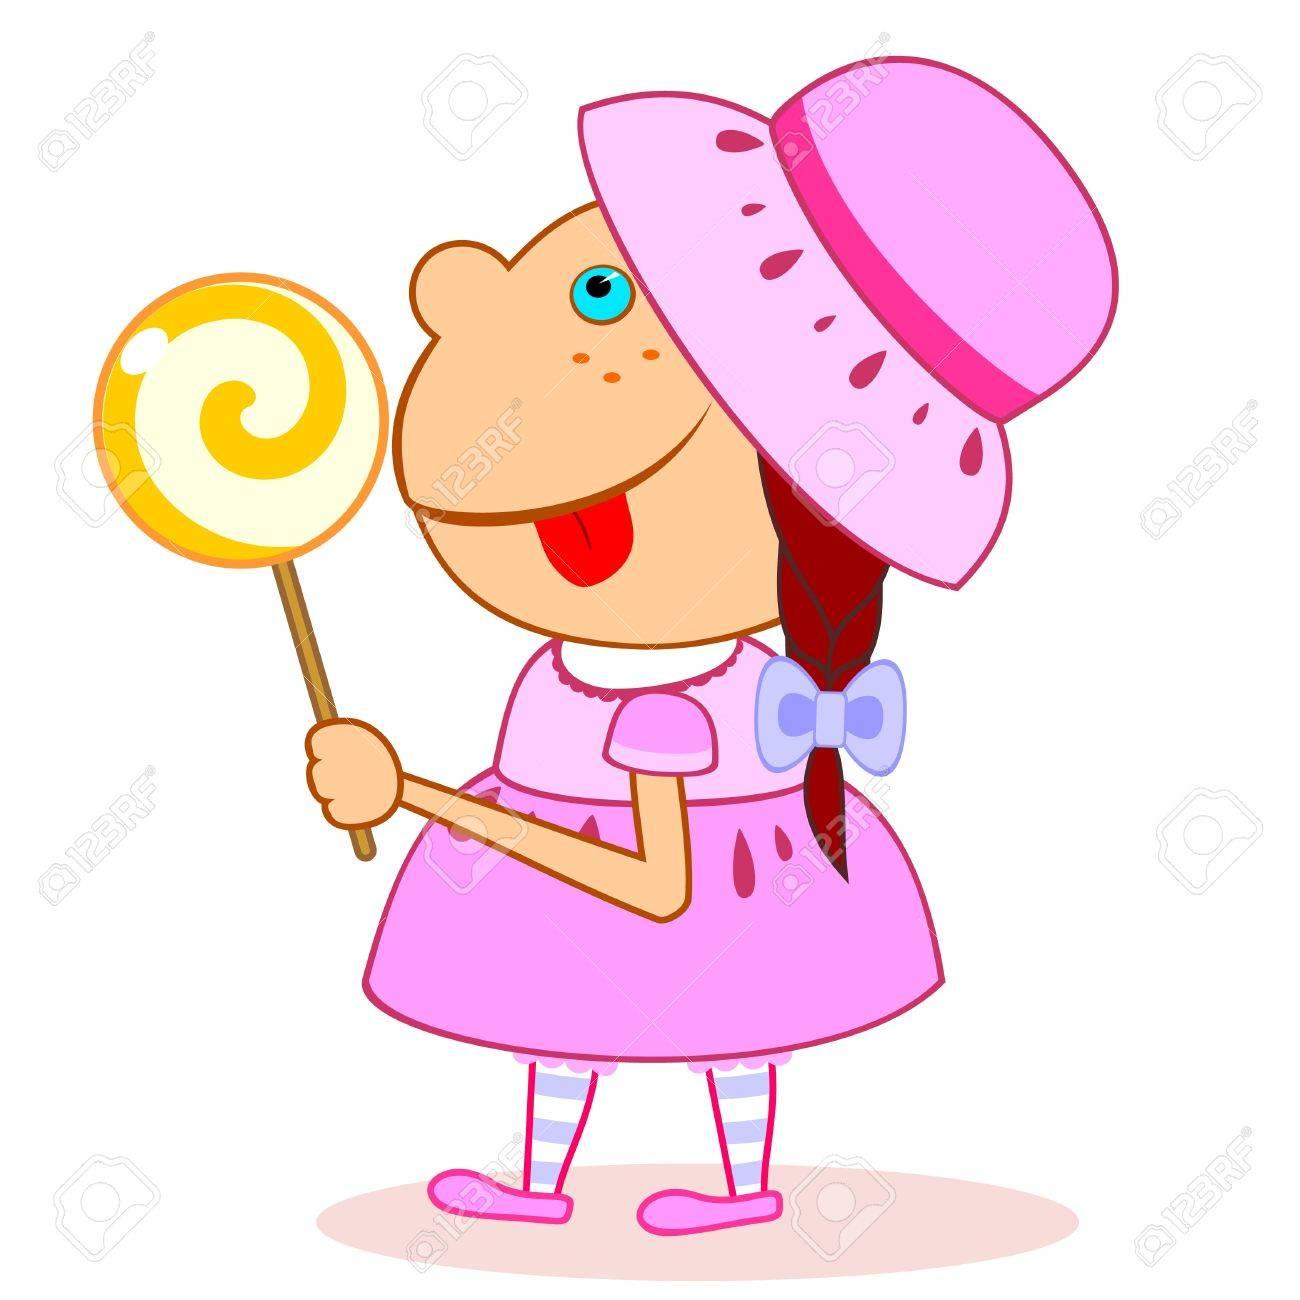 Sweet little girl walking with big lollipop in hand - 11651331